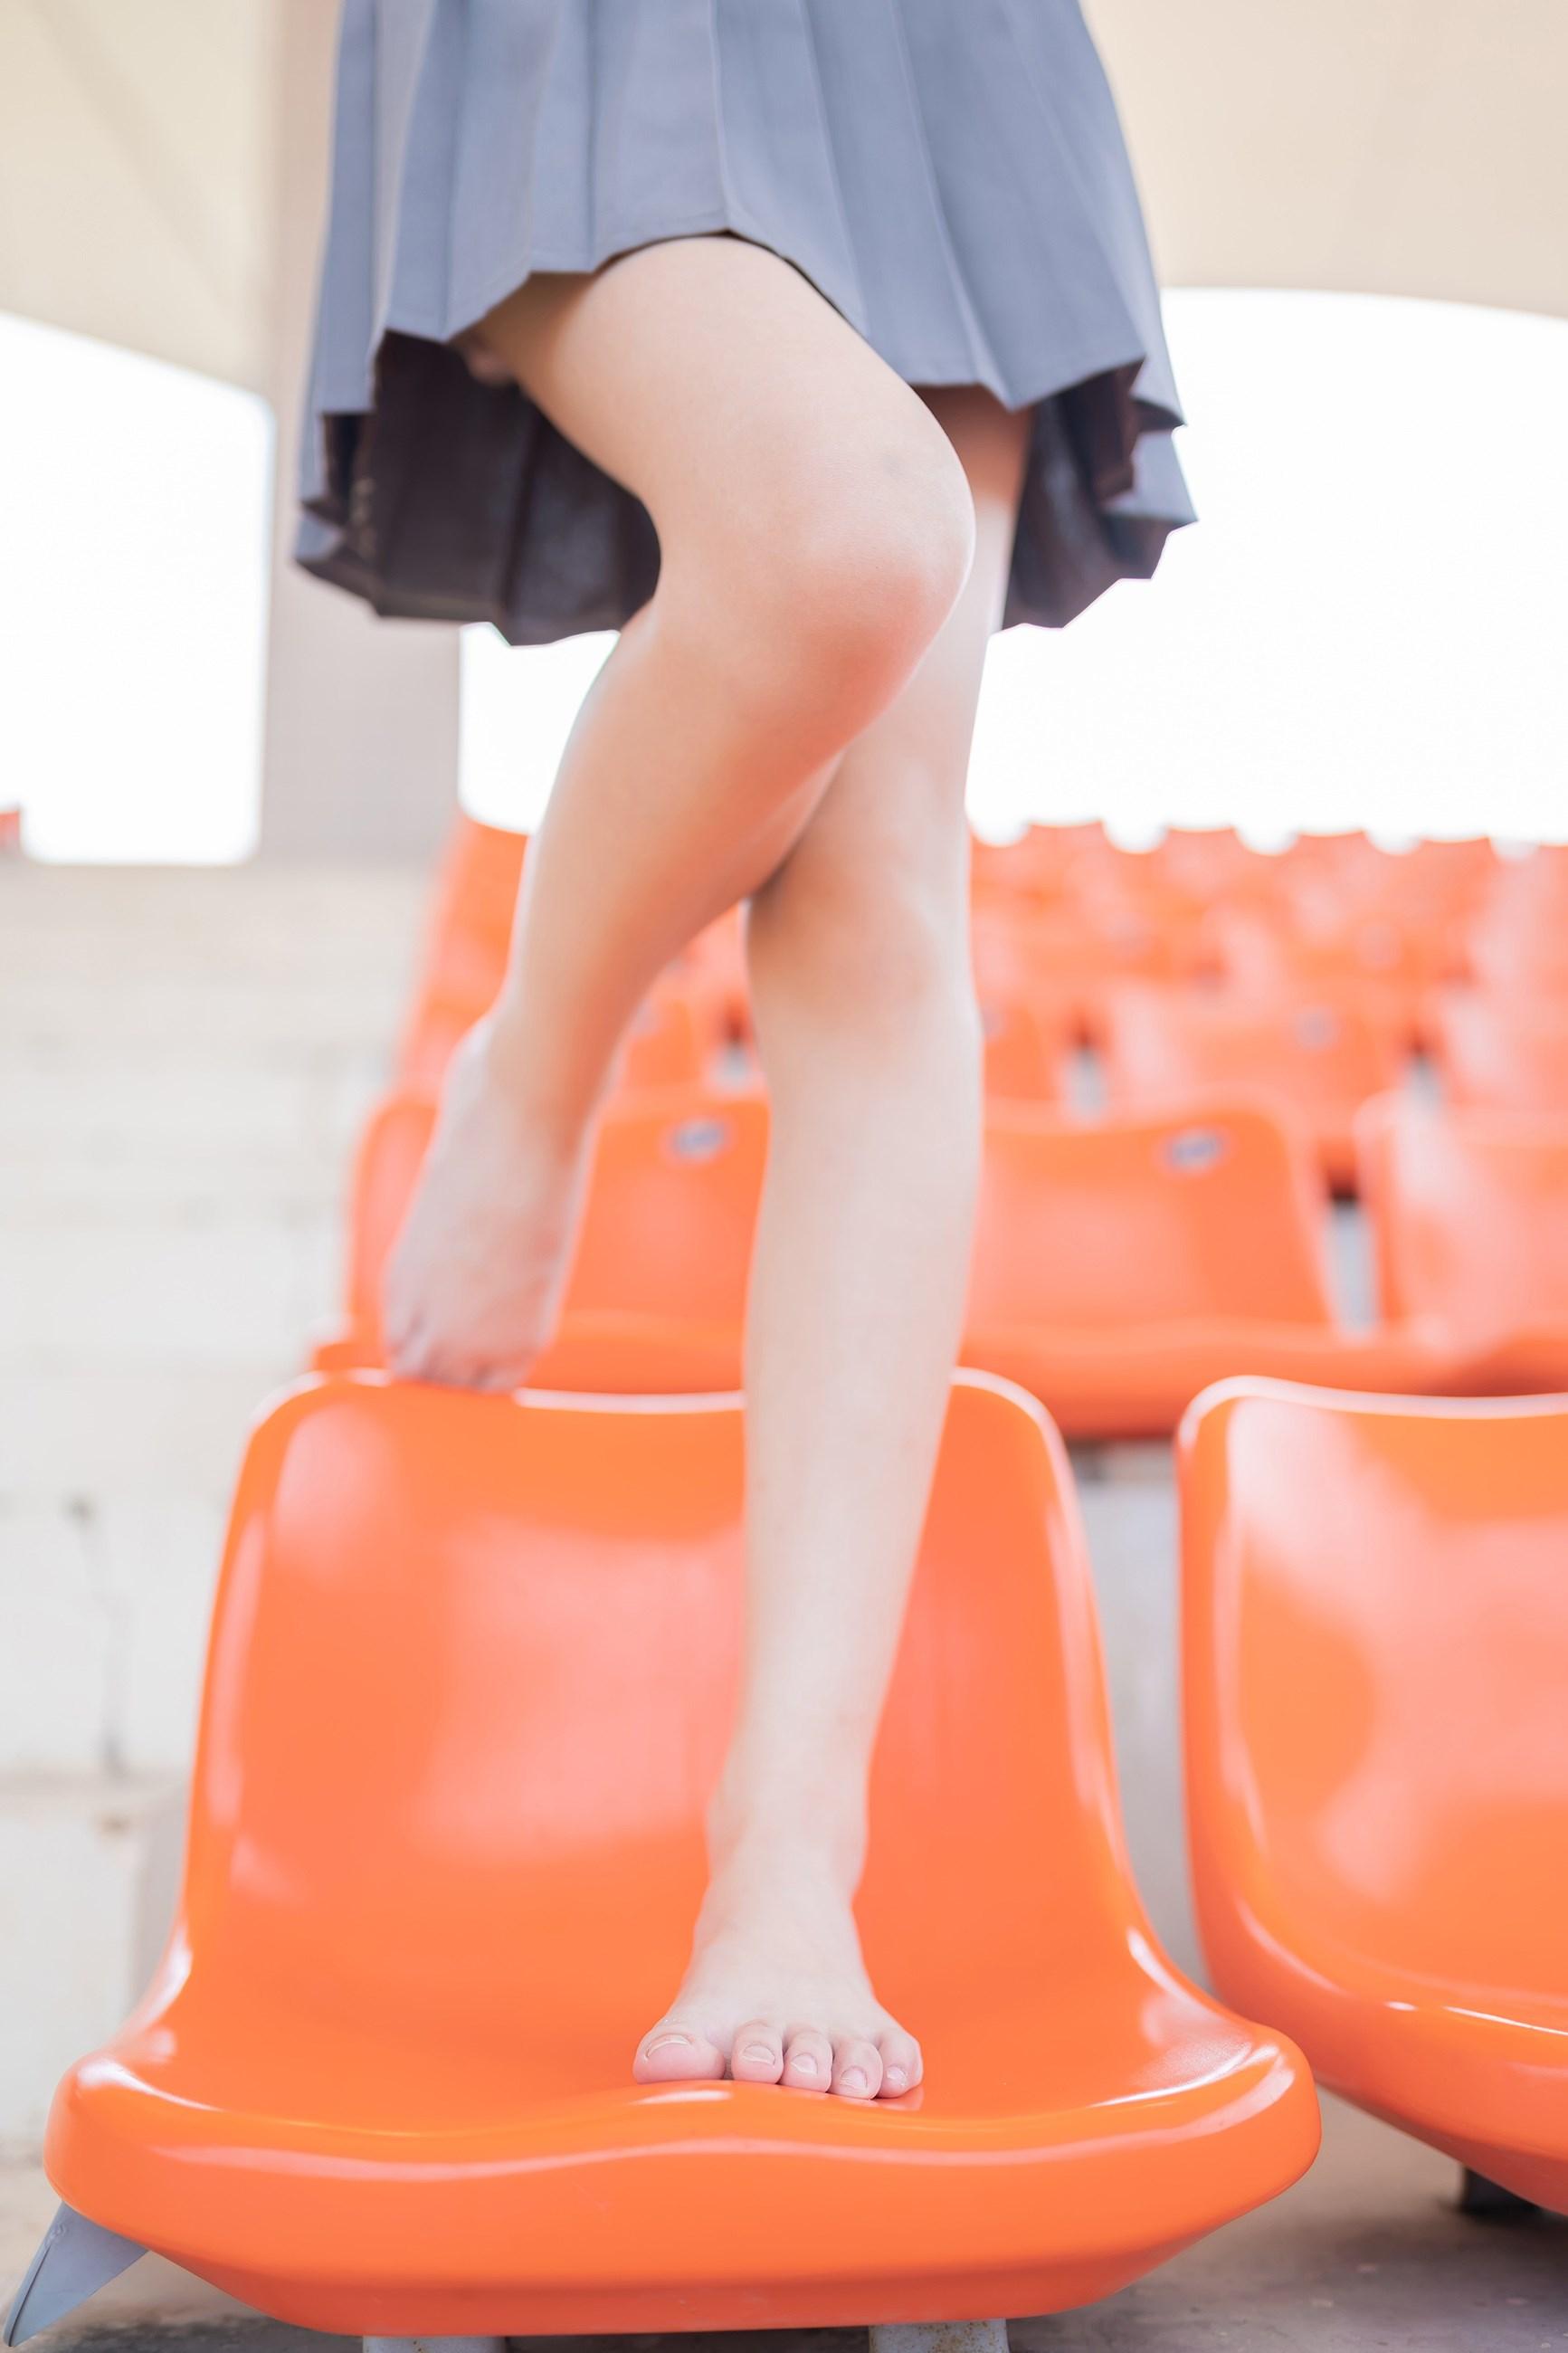 【兔玩映画】看台上的果腿少女 兔玩映画 第13张